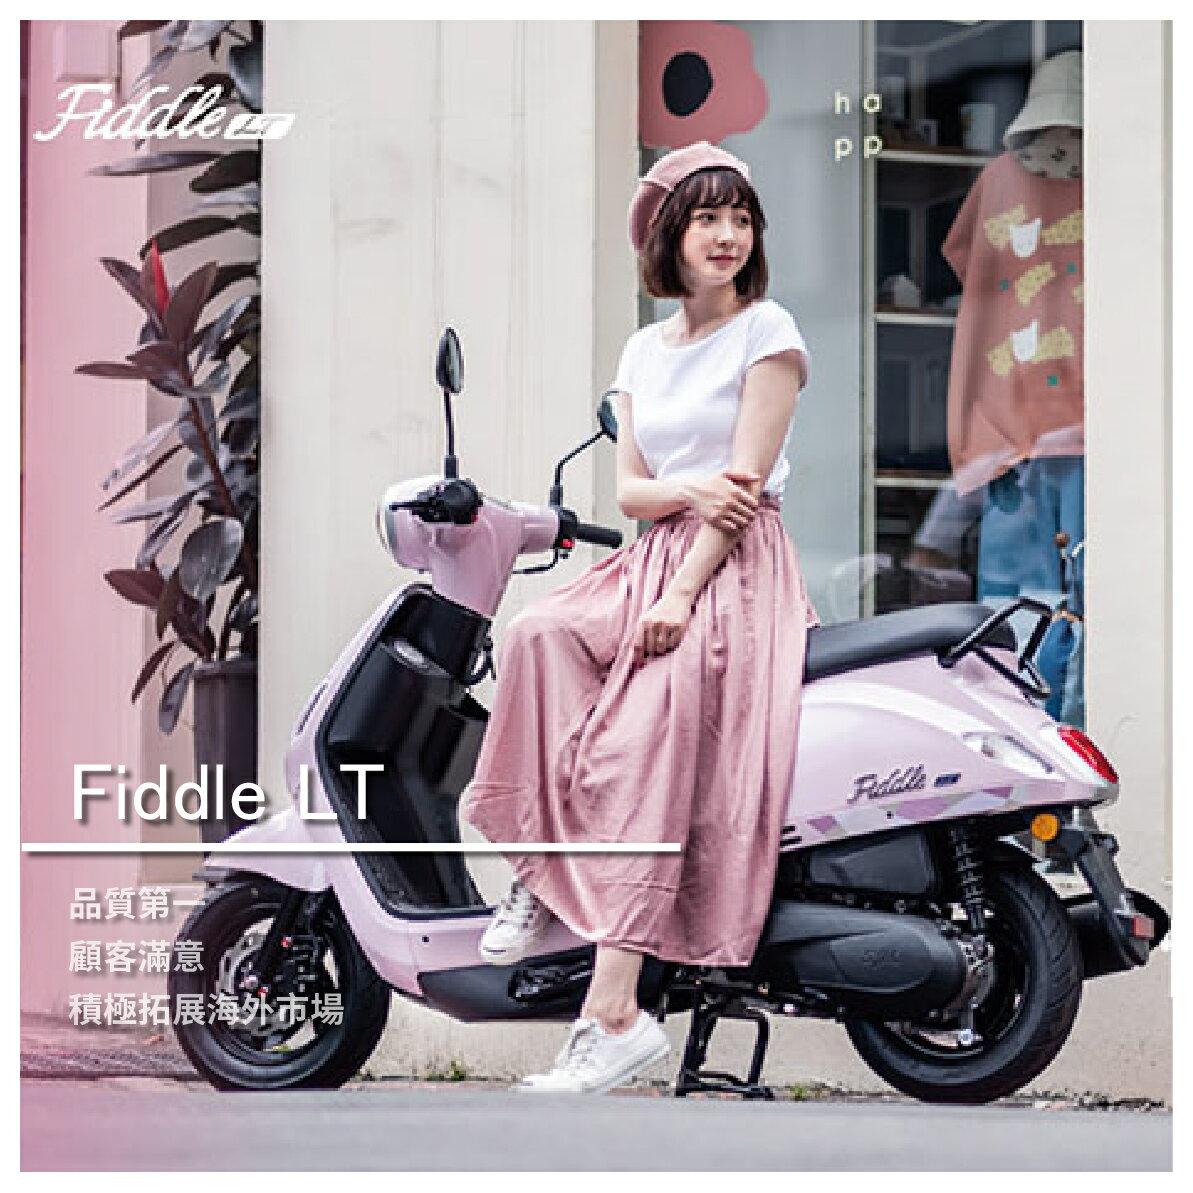 【SYM三陽機車-鋐安車業】Fiddle LT/73800起